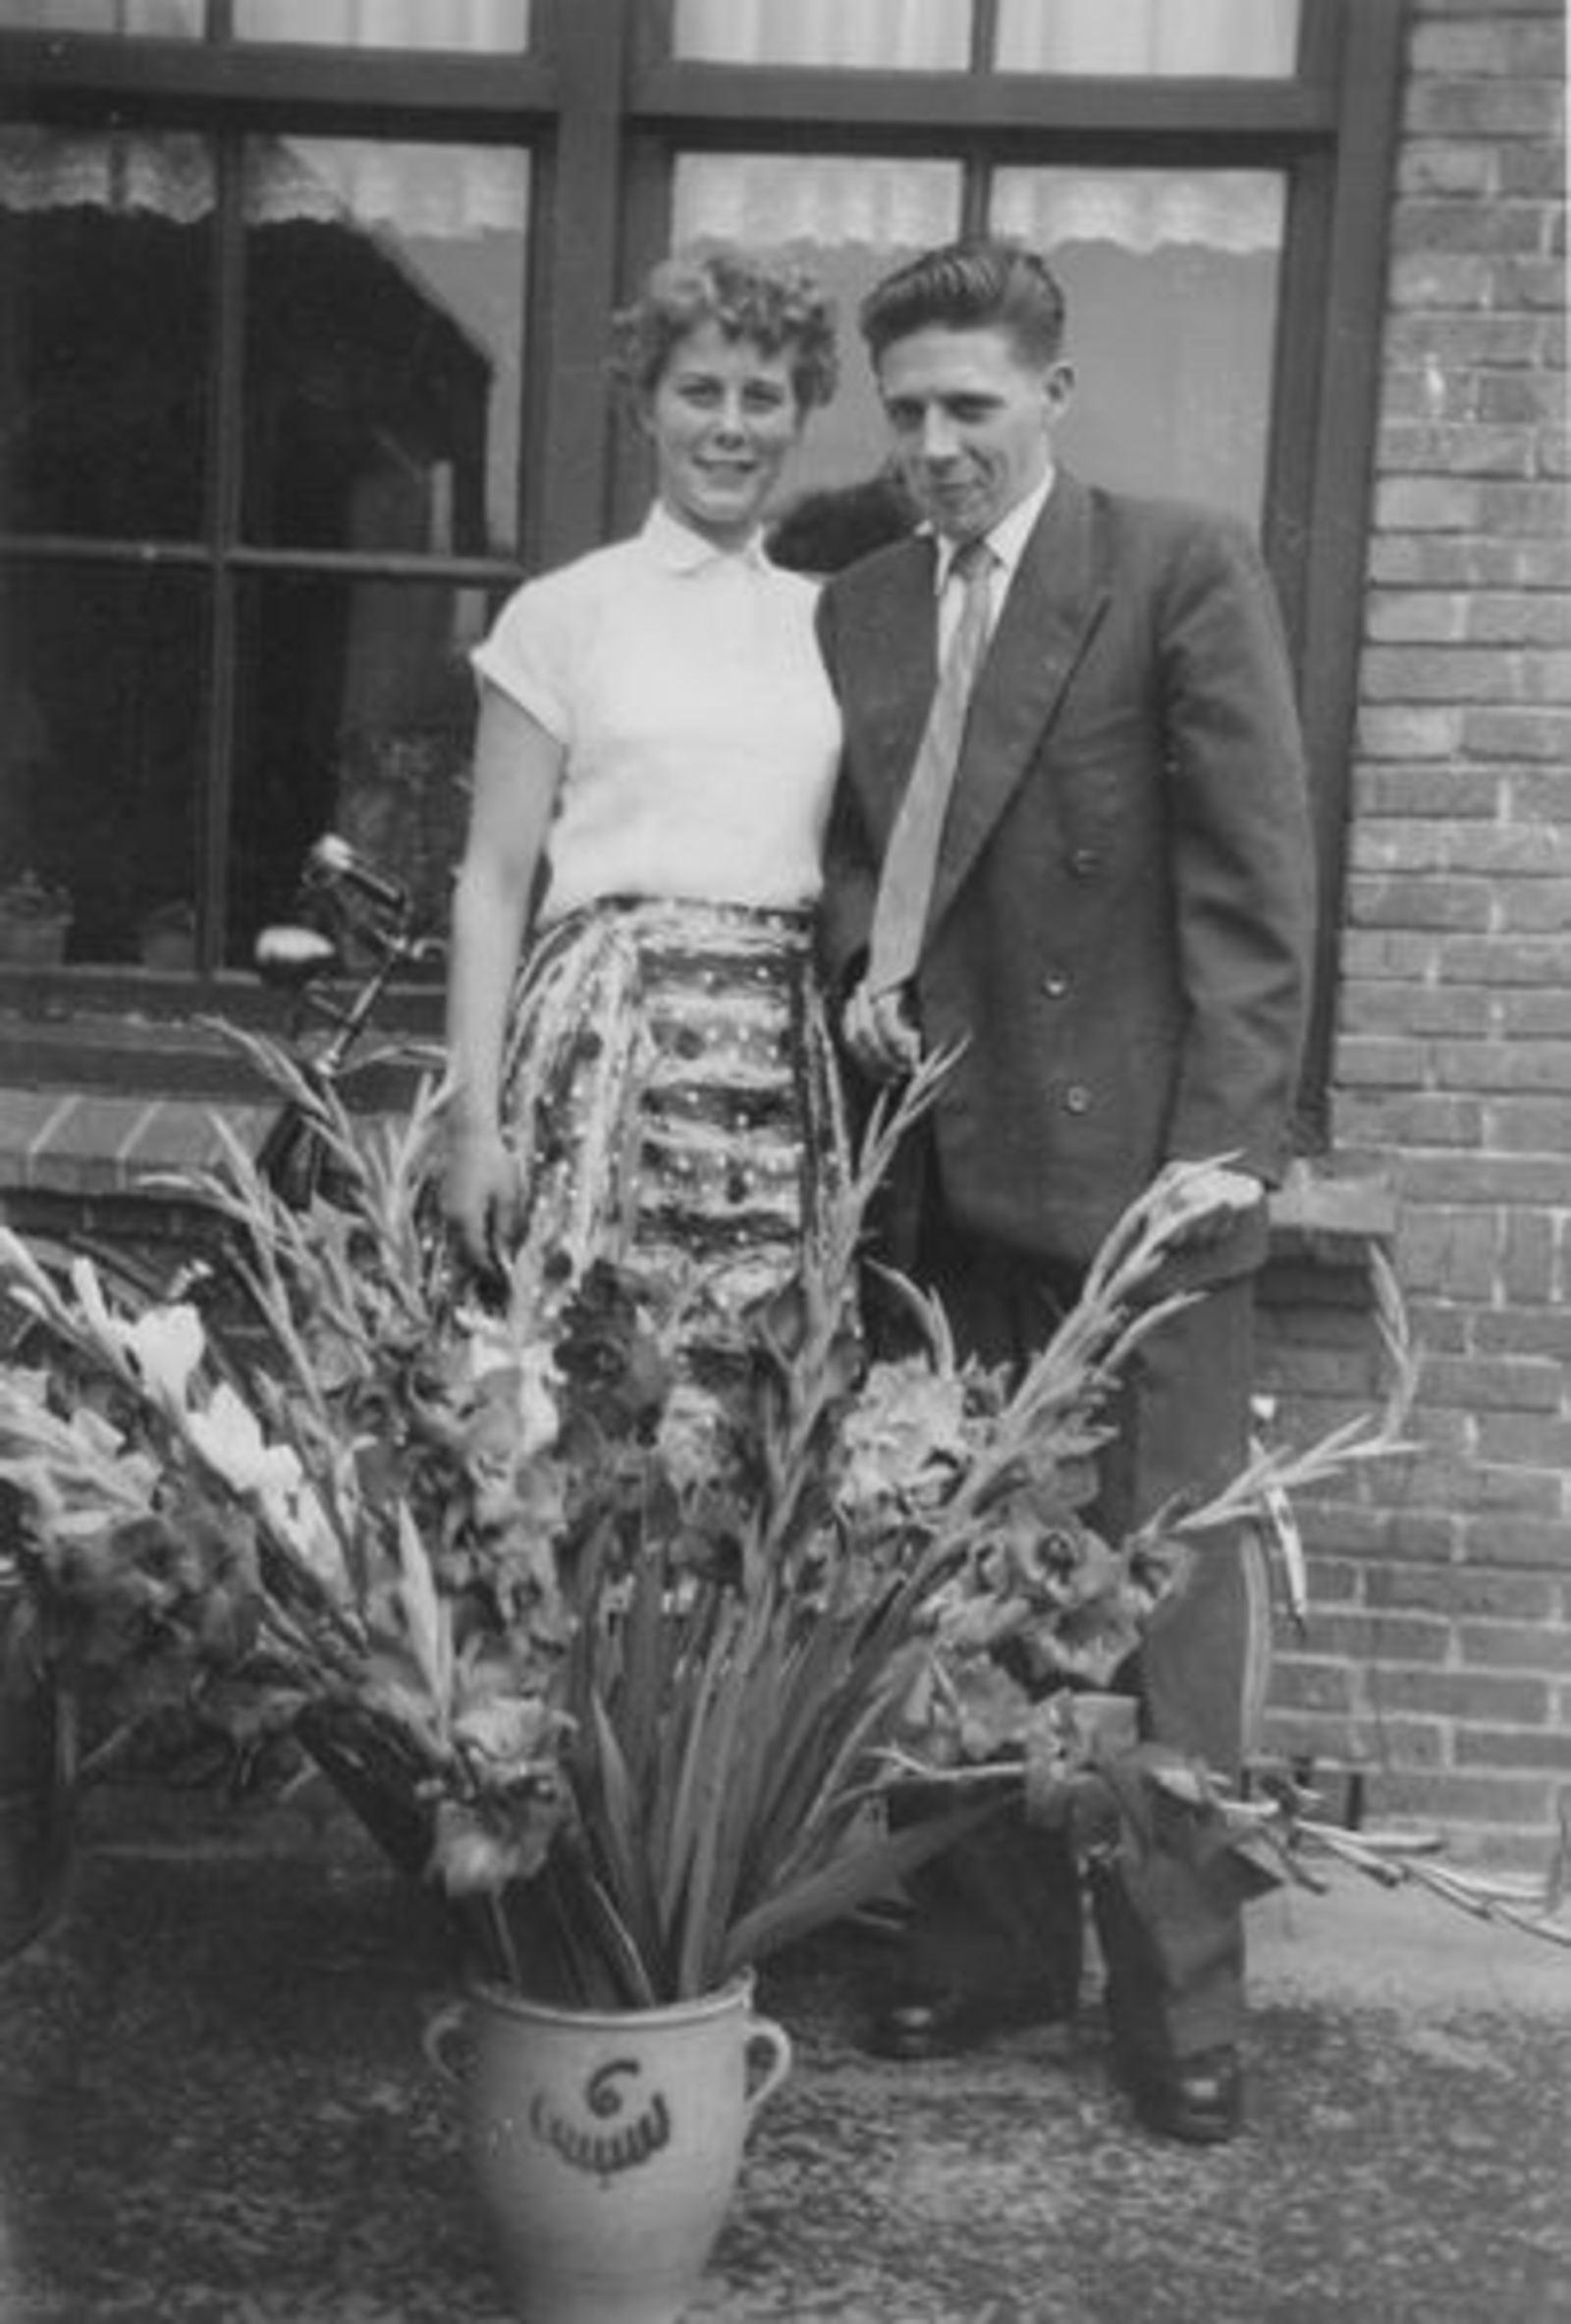 04 Wies Marij 1956± zoon Joop den Boer met Gerda Beversdam